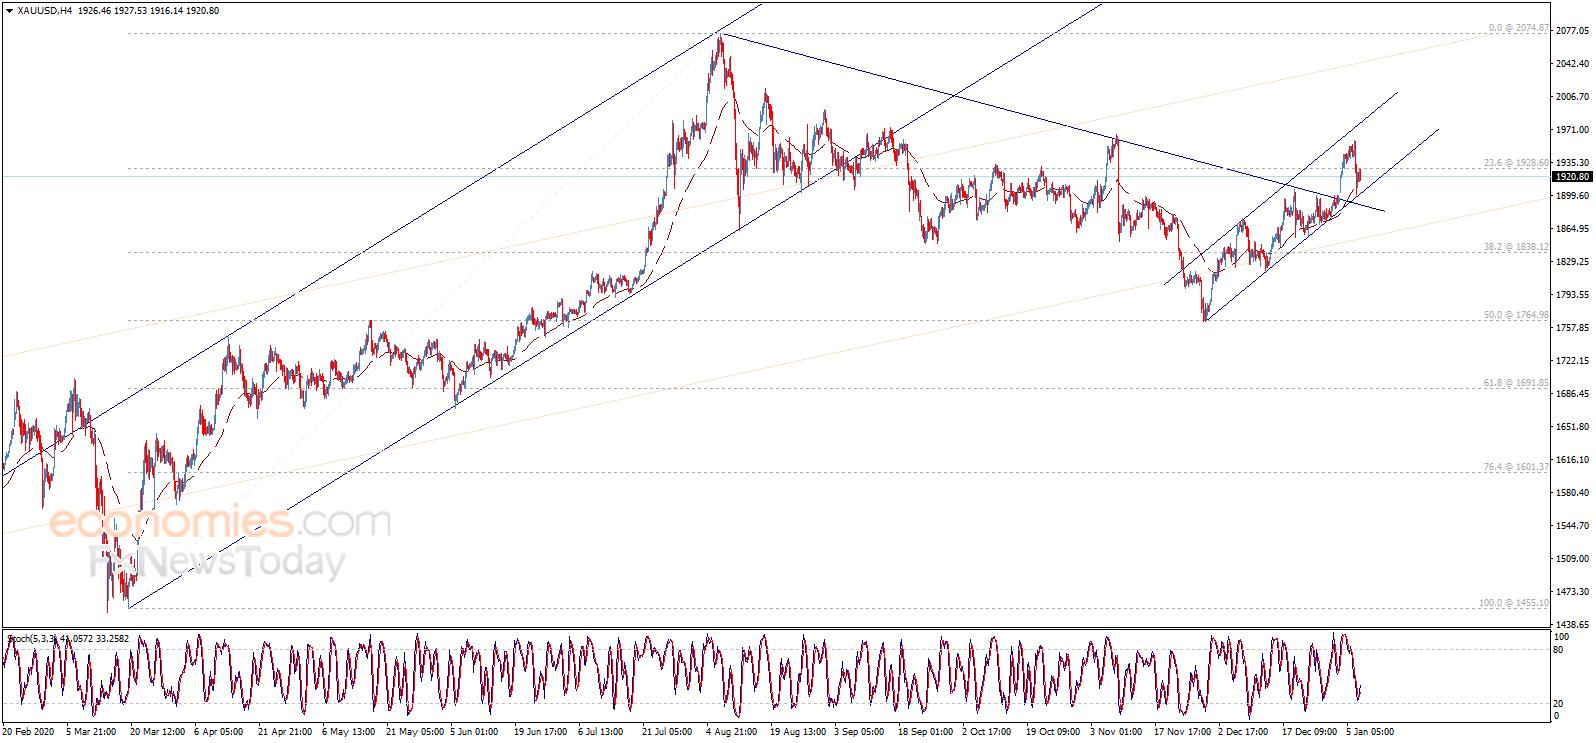 黄金走势分析:除非金价跌破这一关键水平 否则金价仍有大幅反弹空间